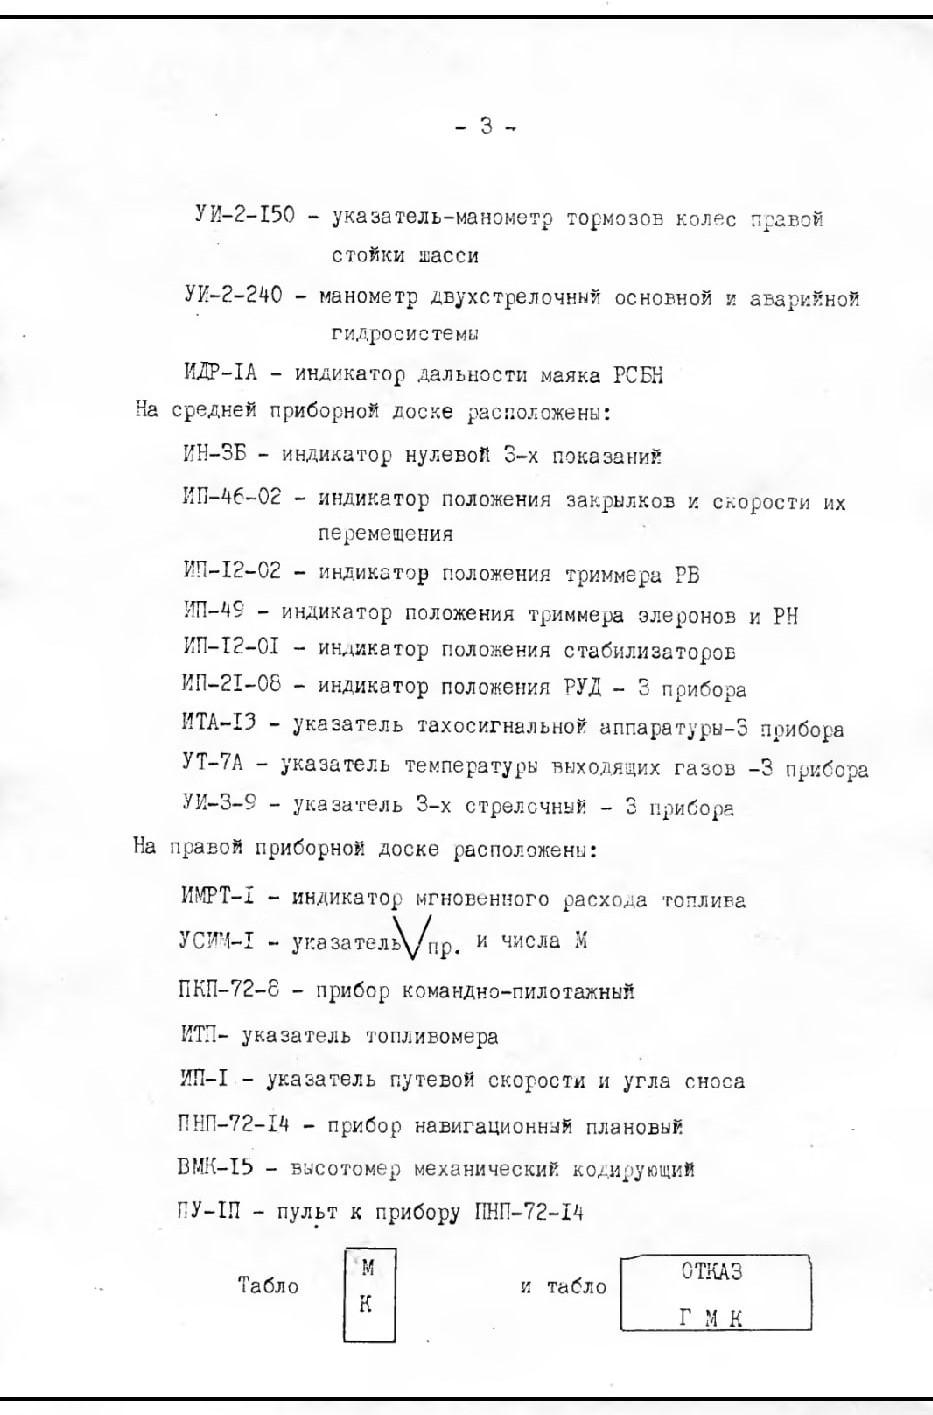 Приборное оборудование самолета Як-42 2.jpg